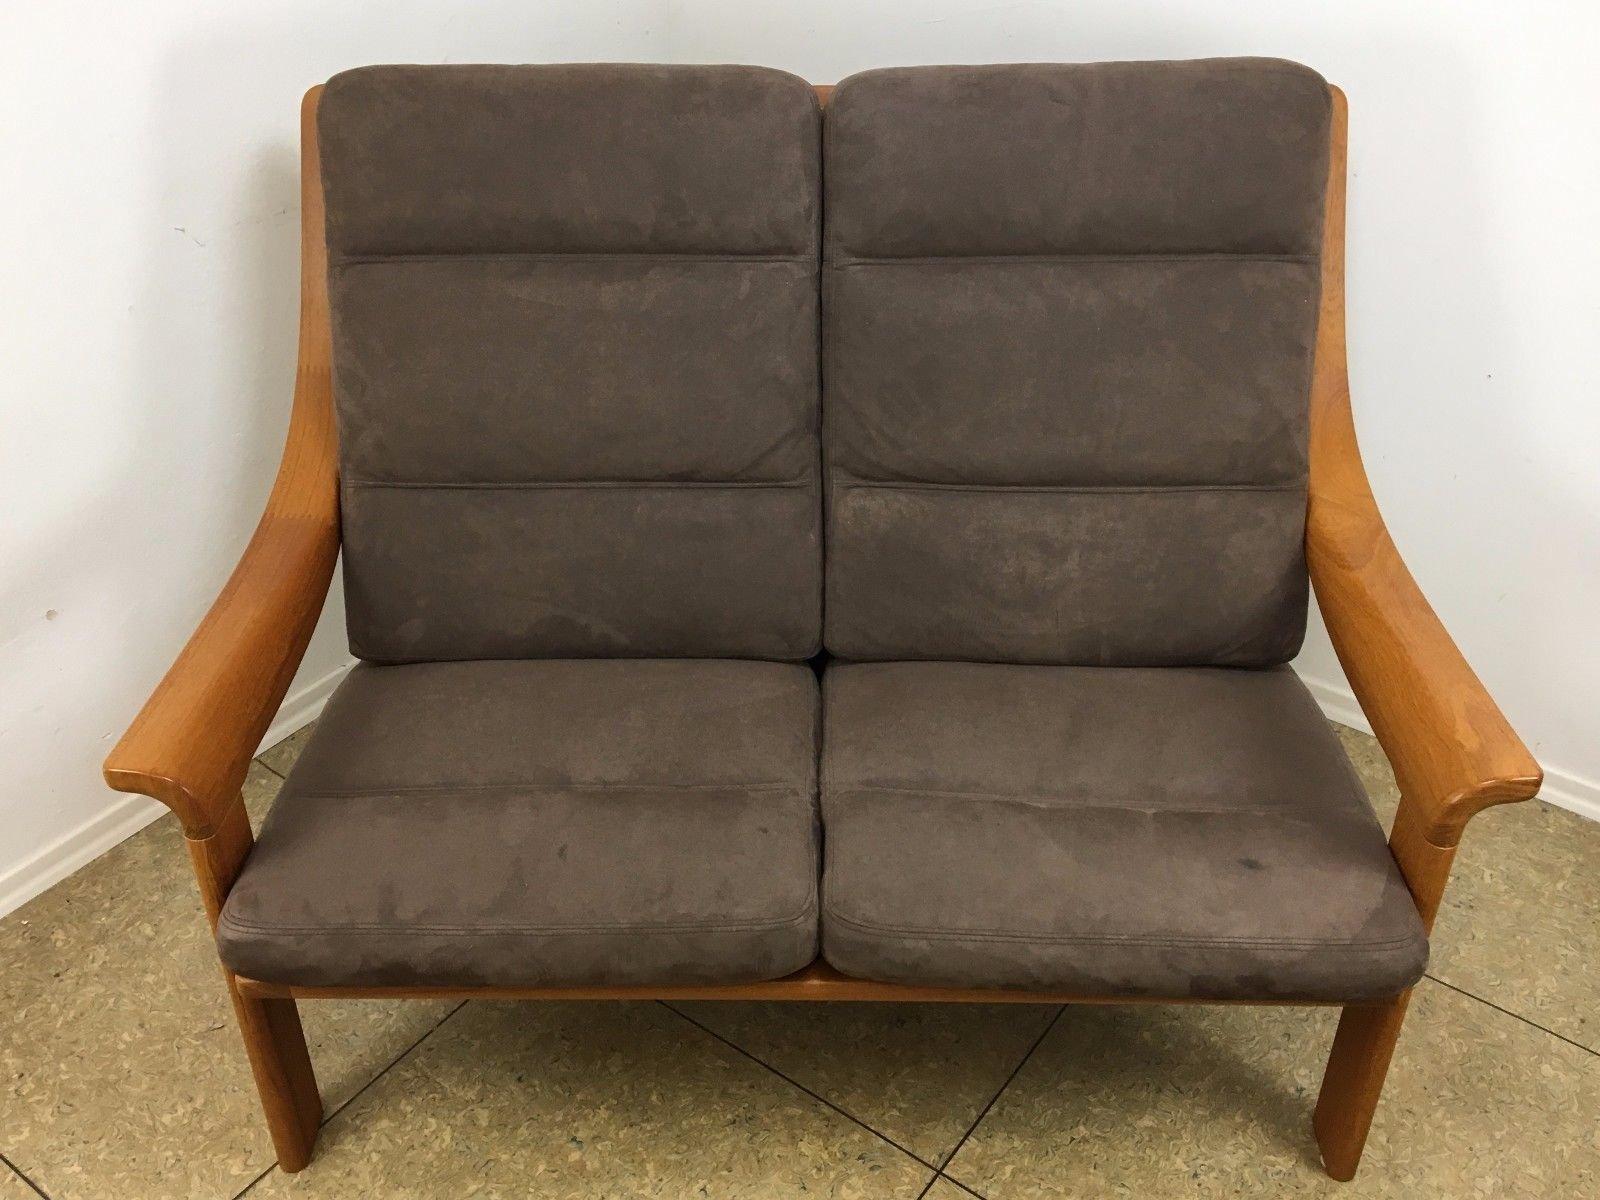 2 sitzer teak sofa von poul jeppesen 1970er bei pamono kaufen. Black Bedroom Furniture Sets. Home Design Ideas